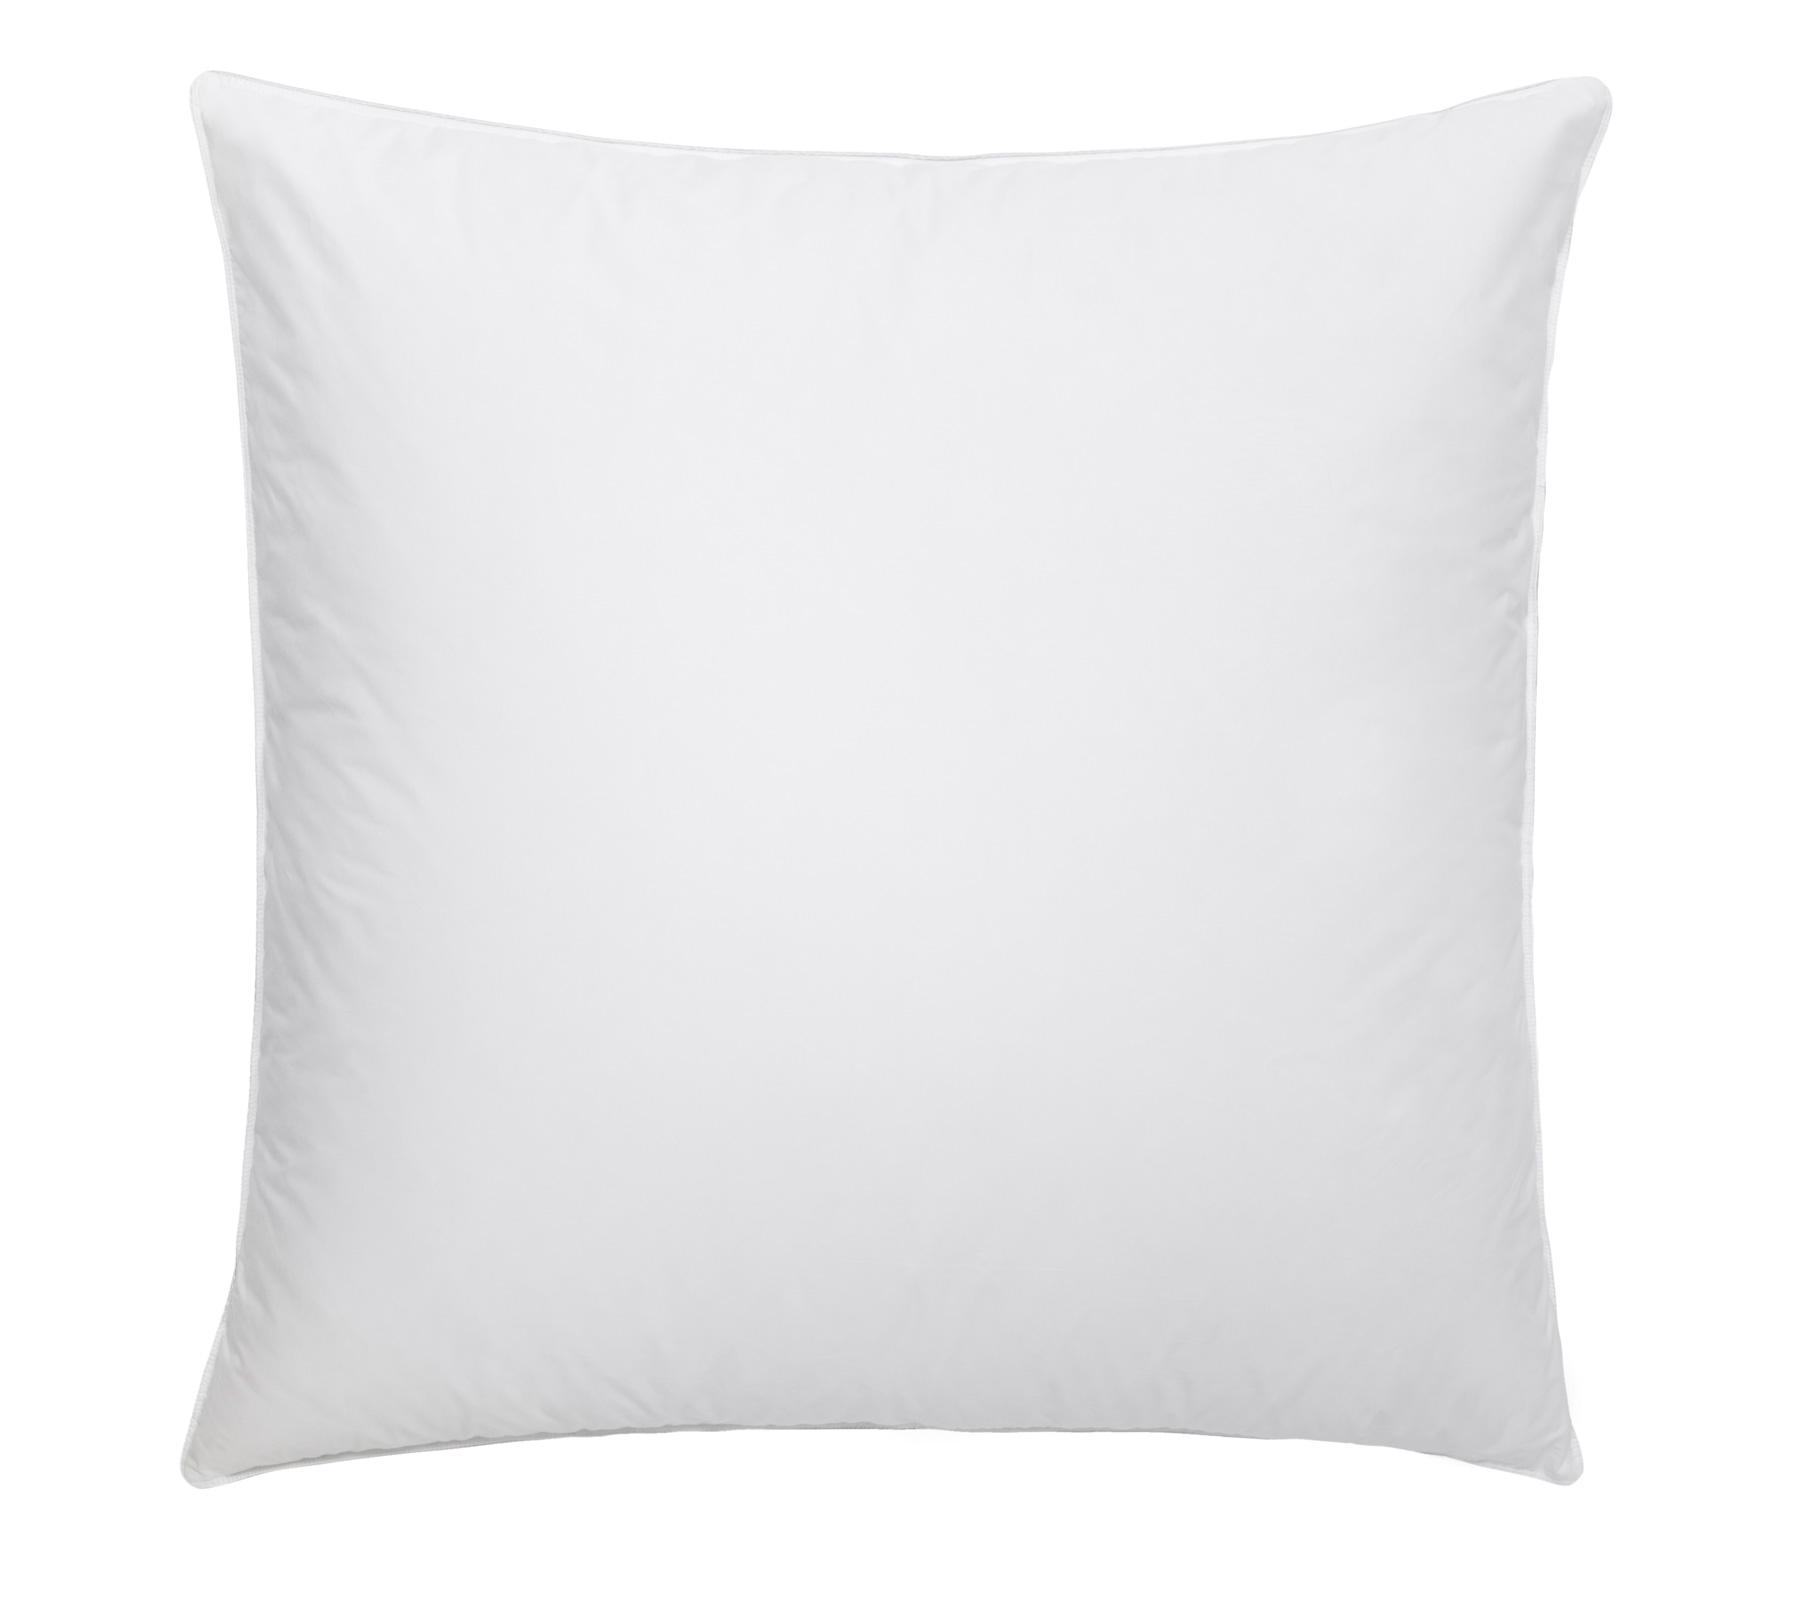 Bettdecken und Kopfkissen - MOON Classic Kopfkissen Kissen 100 Gänsefedern von Bielefelder Bettfedern Manufaktur BBV  - Onlineshop PremiumShop321